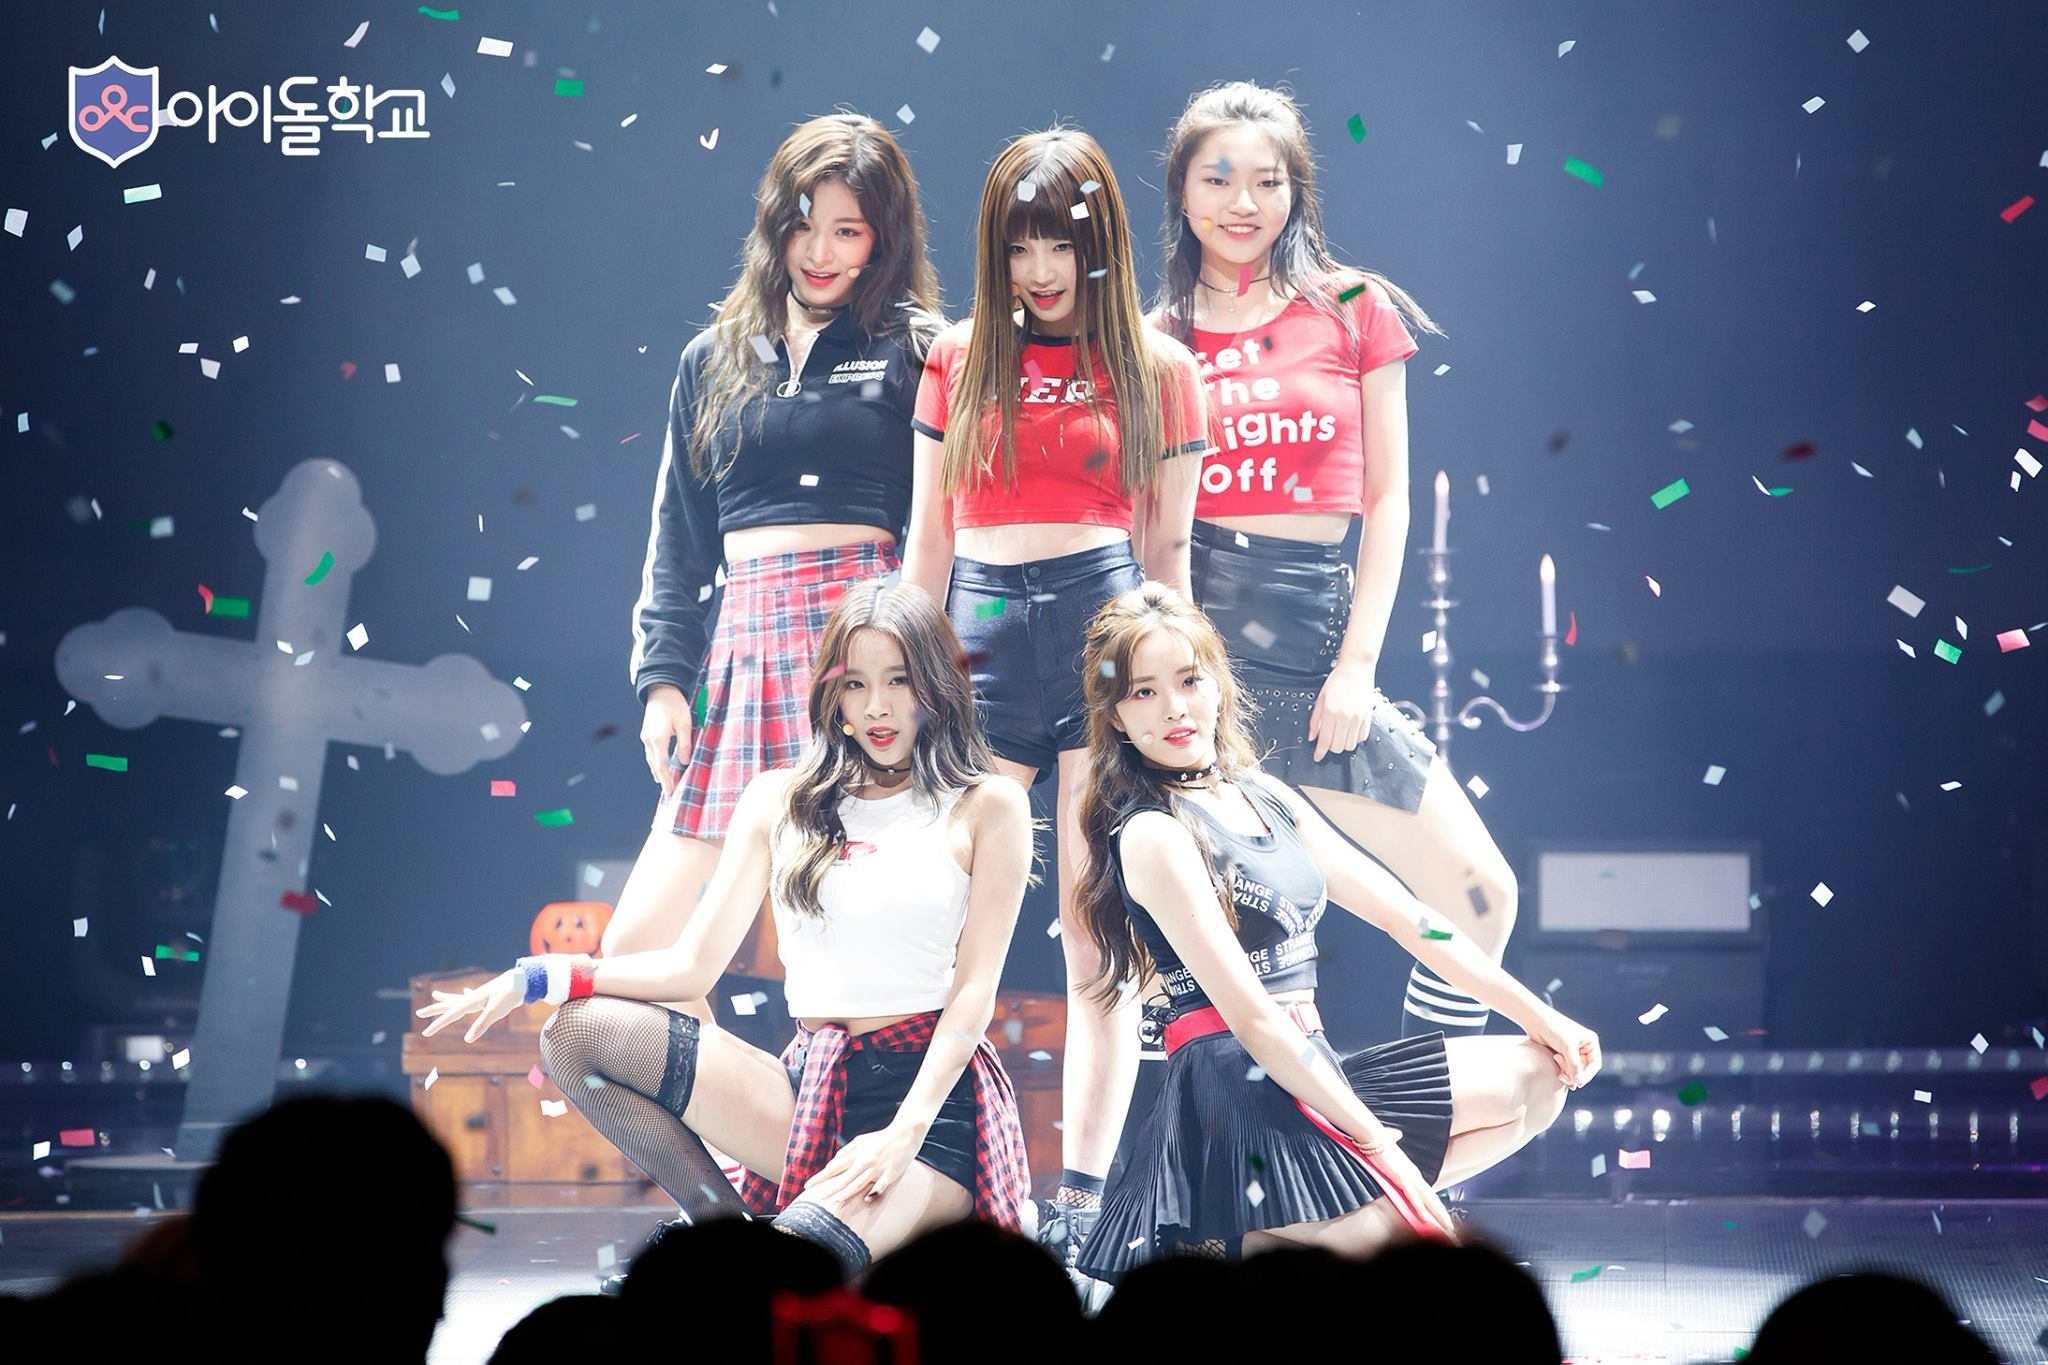 首張單曲以一般女團的清純風格,但團隊中有幾位會跳舞及Rap的成員,也讓人期待她們在2018年的表現!